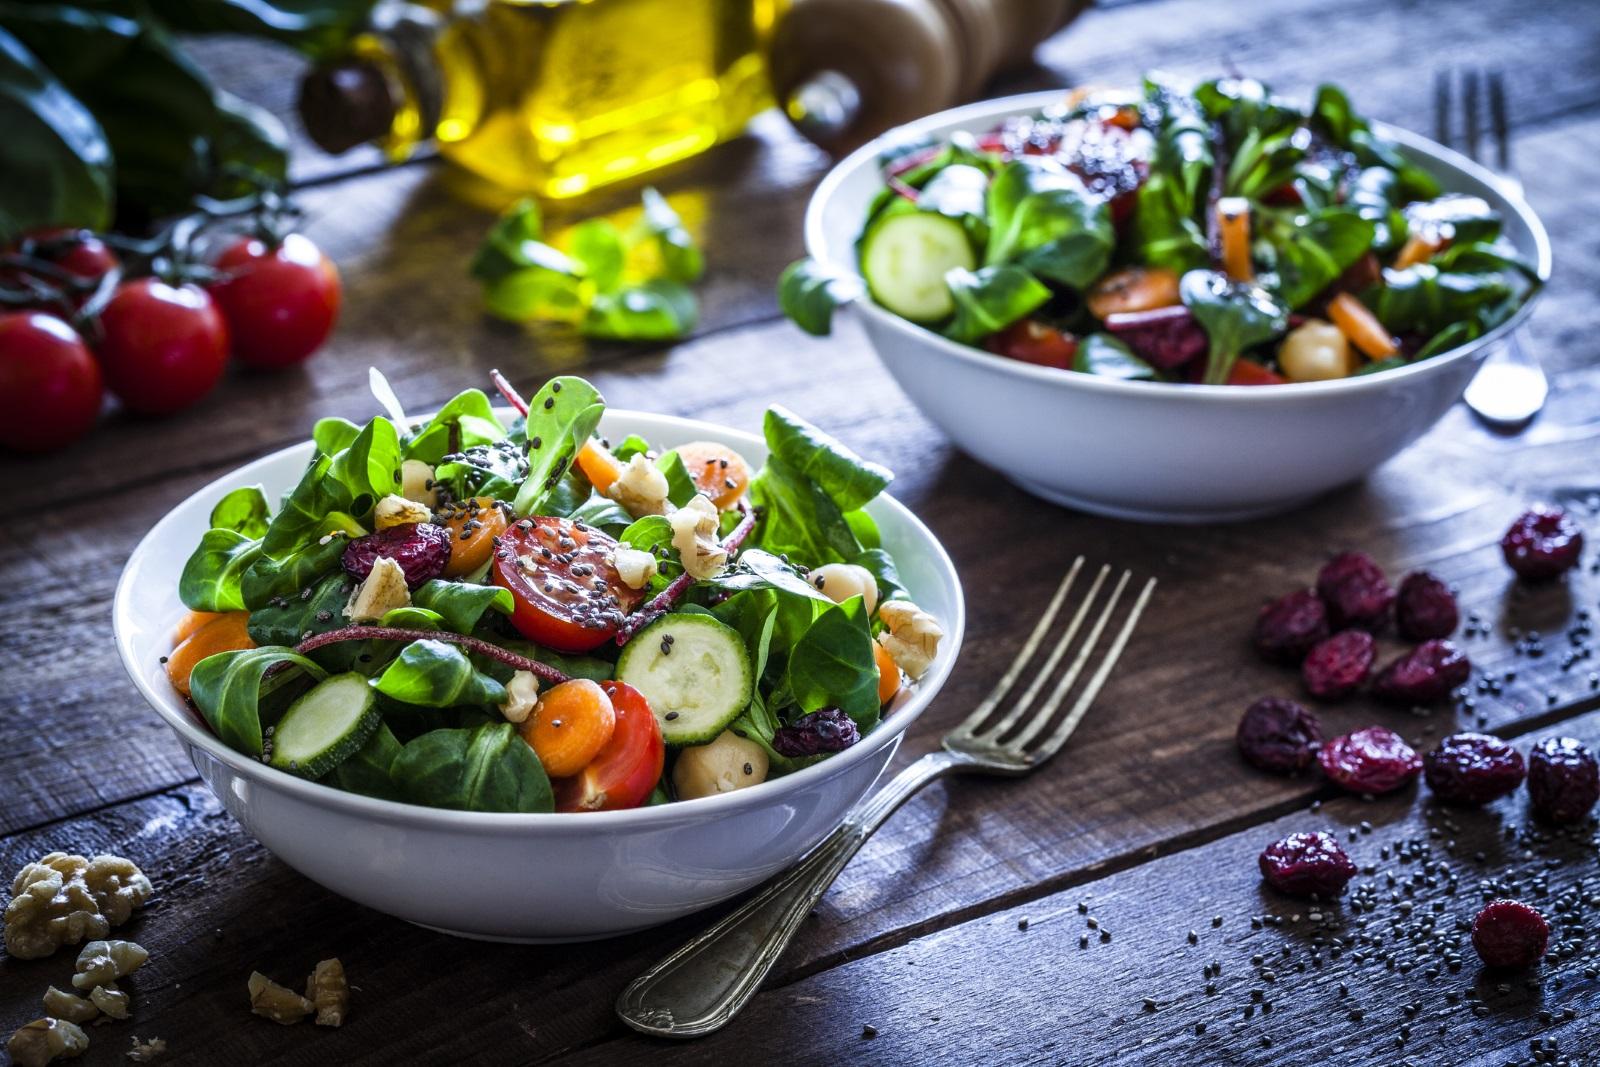 Свежа, питателна, зареждаща ни с енергия храна! Богата на витамини, което моментално включва плодове и зеленчуци в големи количества и ограничавайки до колкото можем простите захари и мазнините.